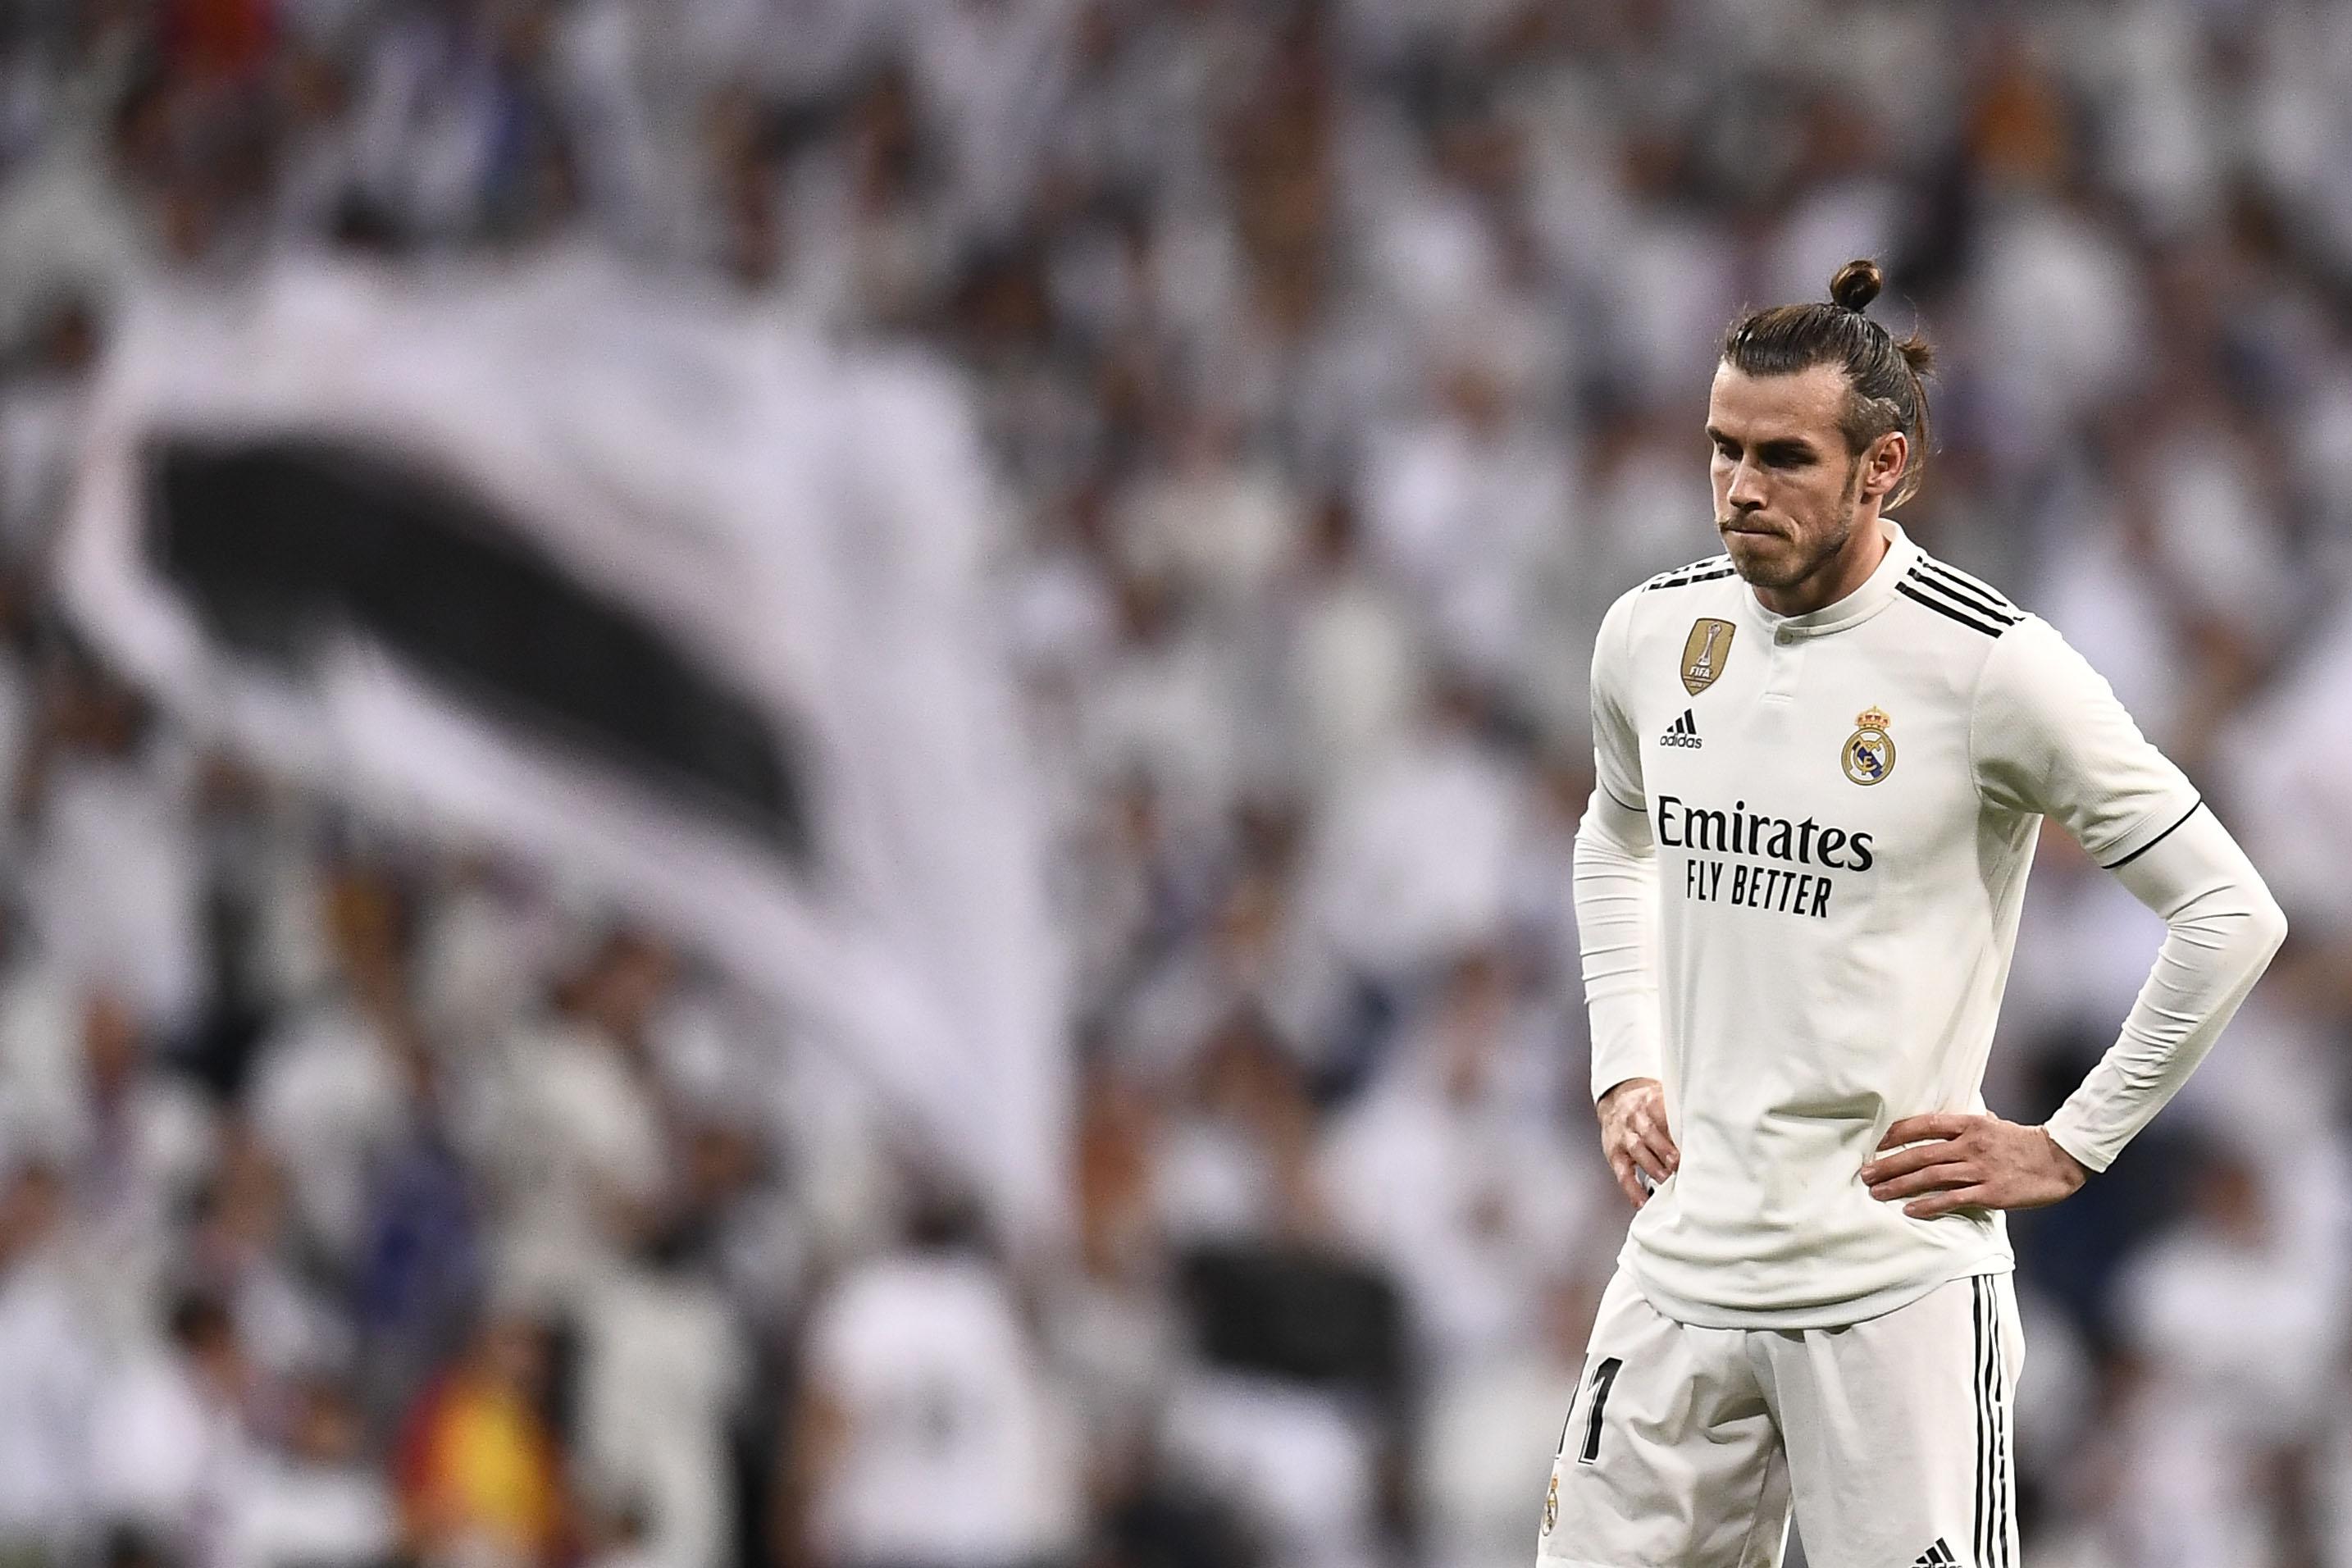 Gareth Bale luce desconsolado al finalizar el partido entre  el Real Madrid y el Barcelona del sábado por la Liga española. (Foto Prensa Libre: AFP)